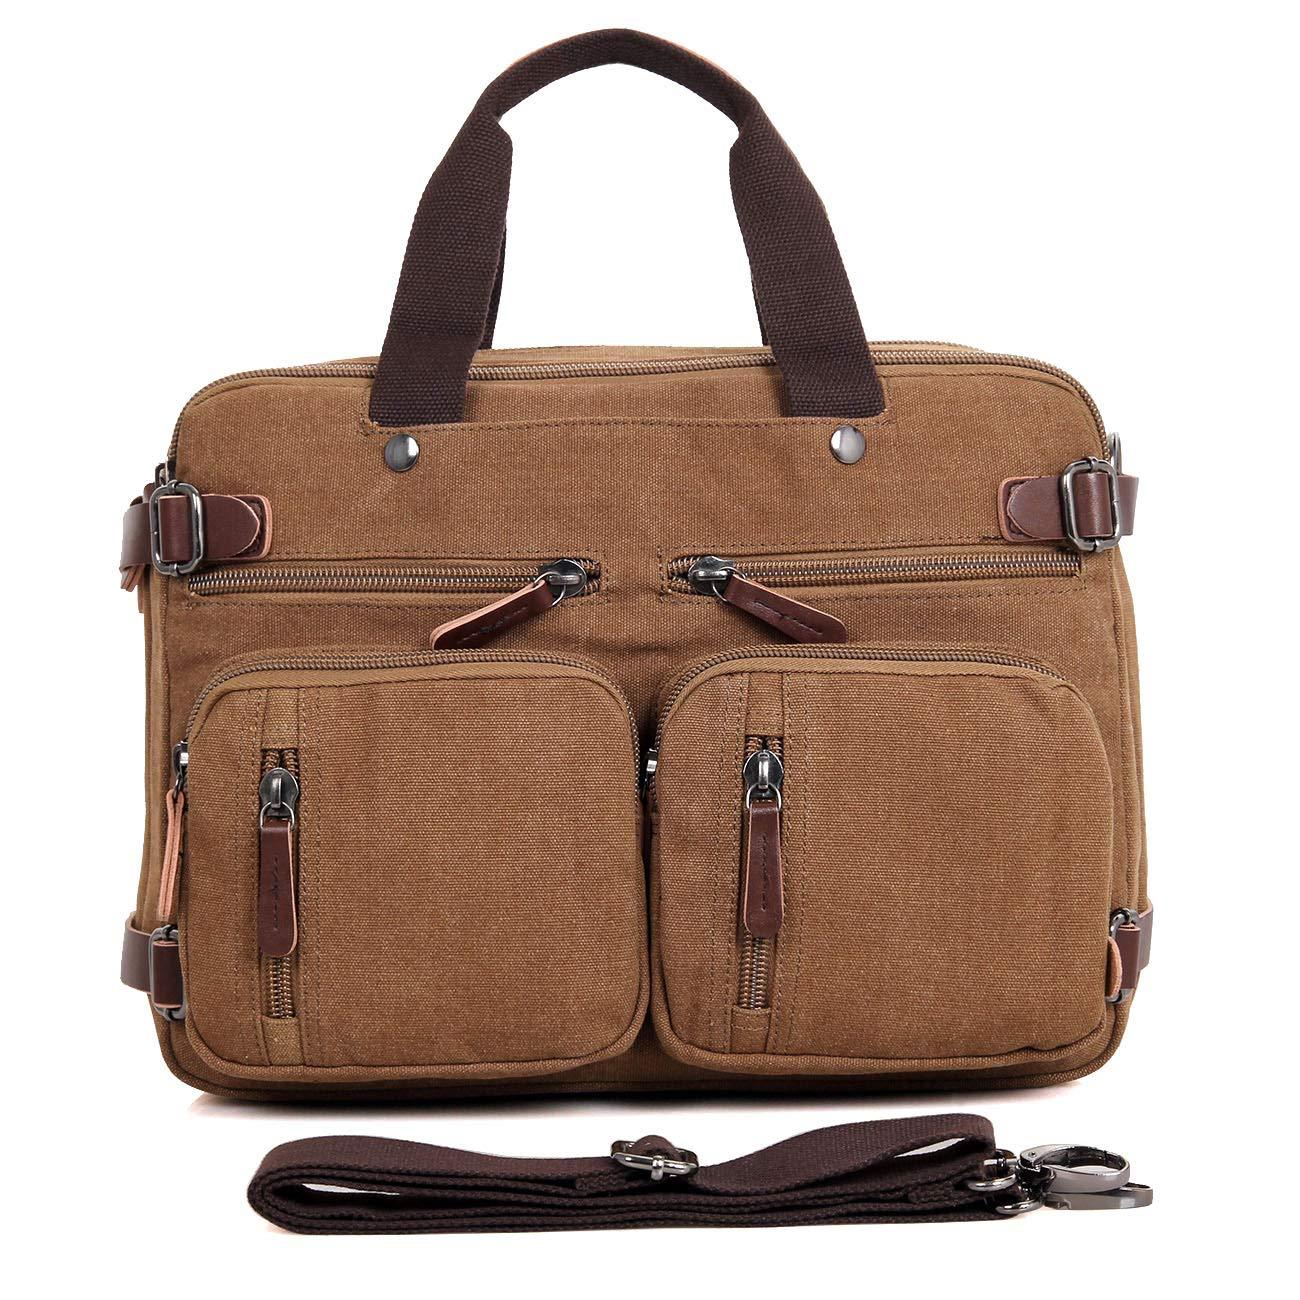 Clean Vintage Laptop Bag Hybrid Backpack Messenger Bag/Convertible Briefcase Backpack Satchel for Men Women- BookBag Rucksack Daypack-Waxed Canvas Leather, Brown